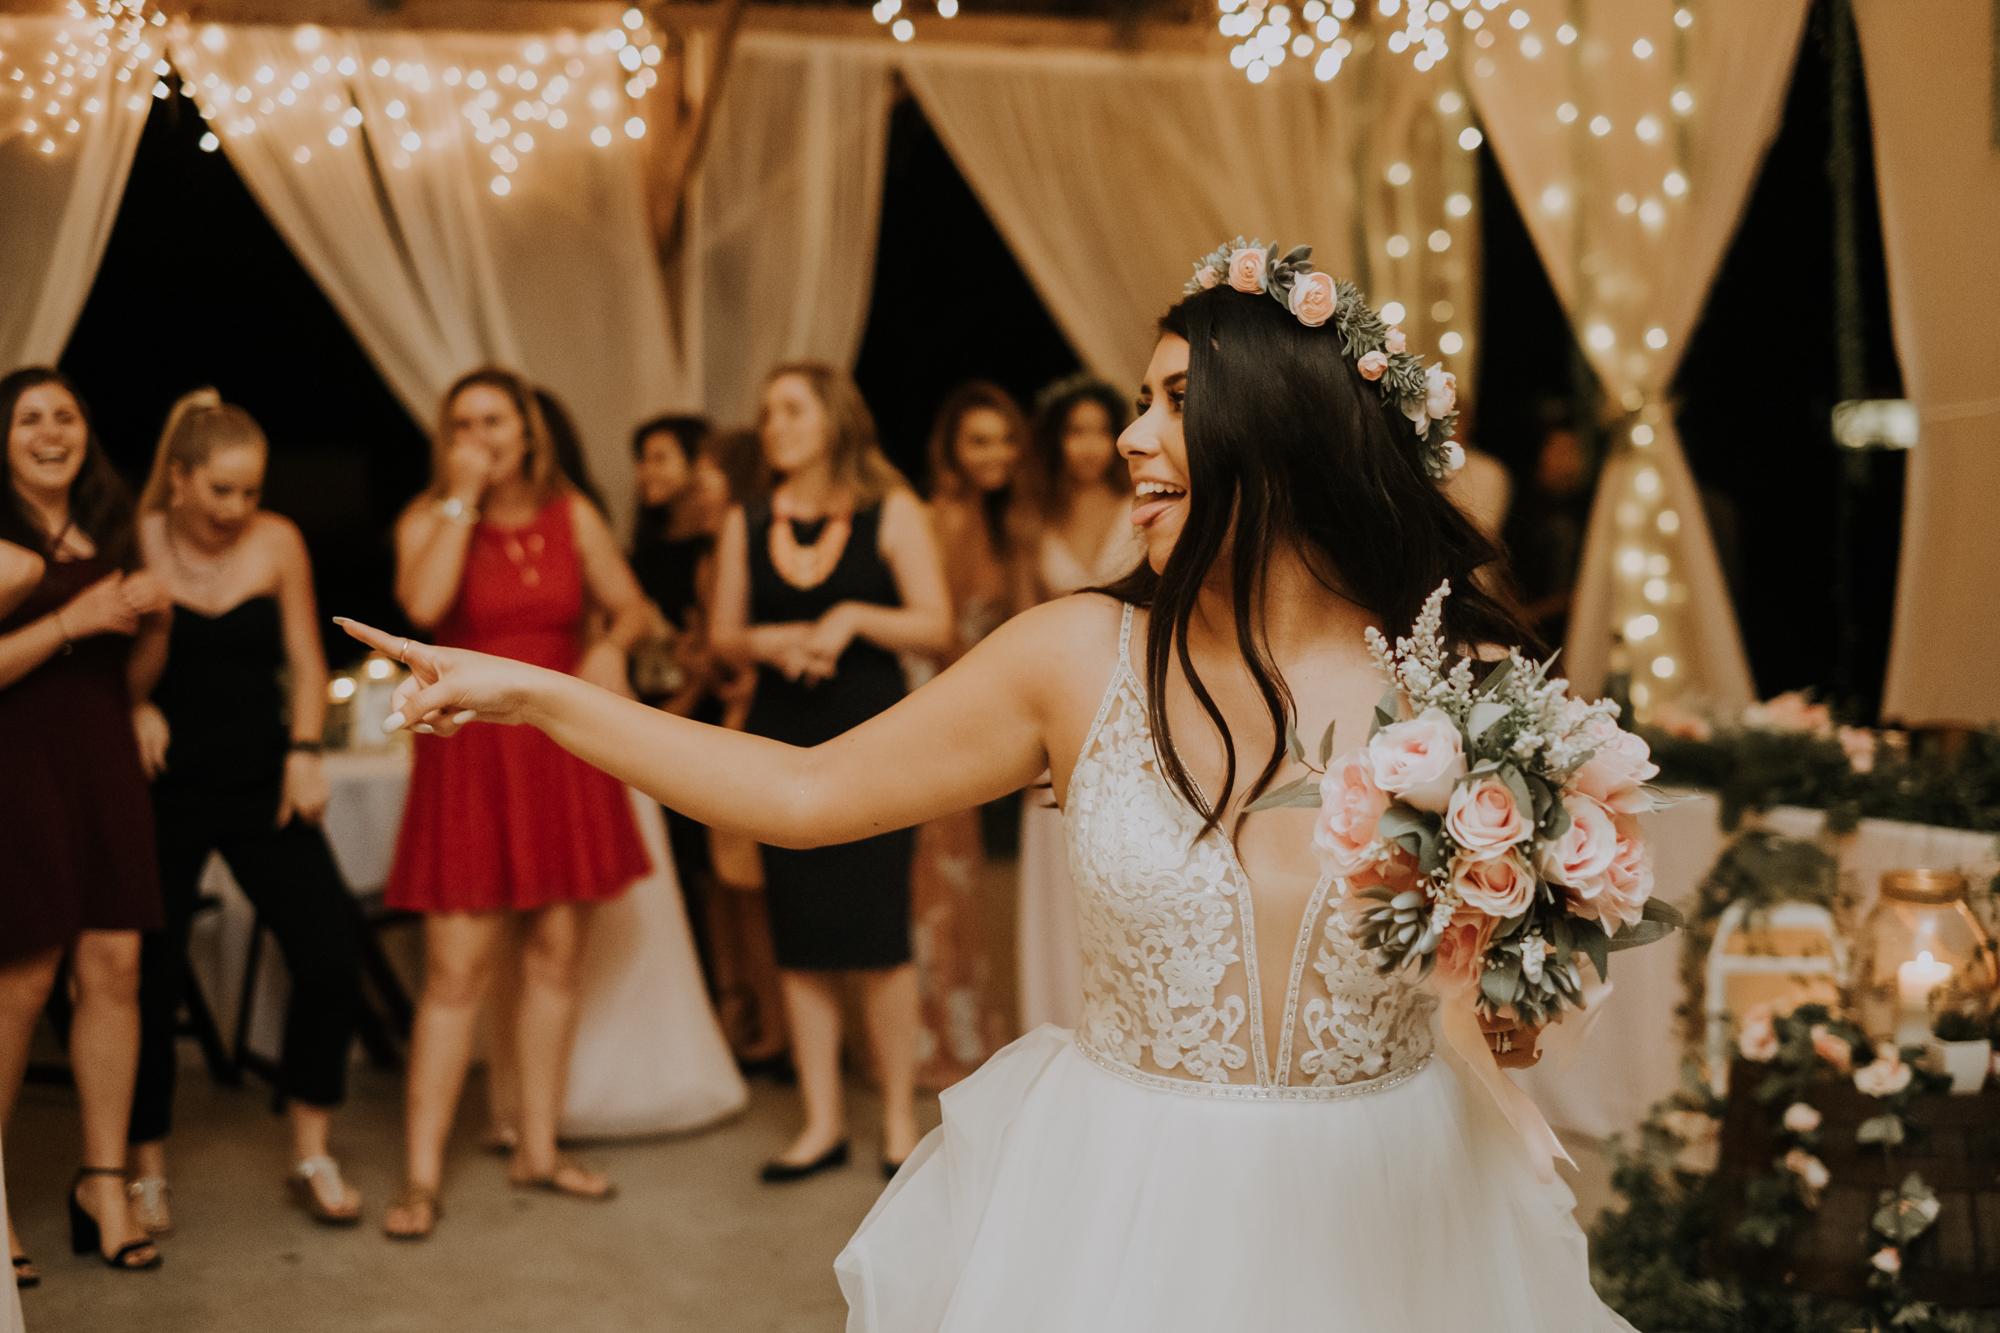 bouquet toss | boho bouquet toss | boho wedding reception